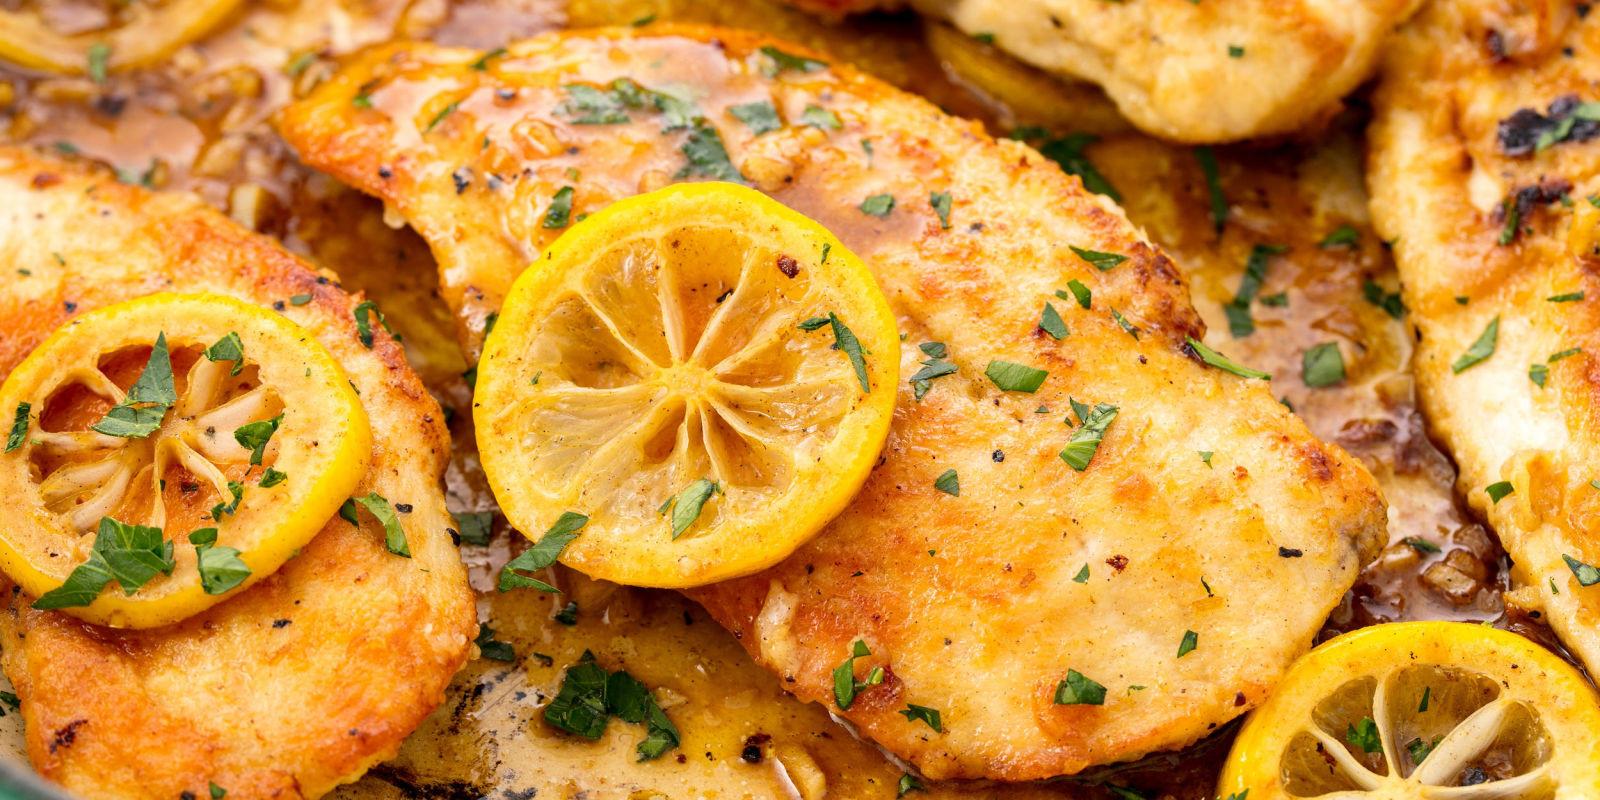 Baked Lemon Chicken Breast  Easy Baked Lemon Pepper Chicken Breast Recipe How to